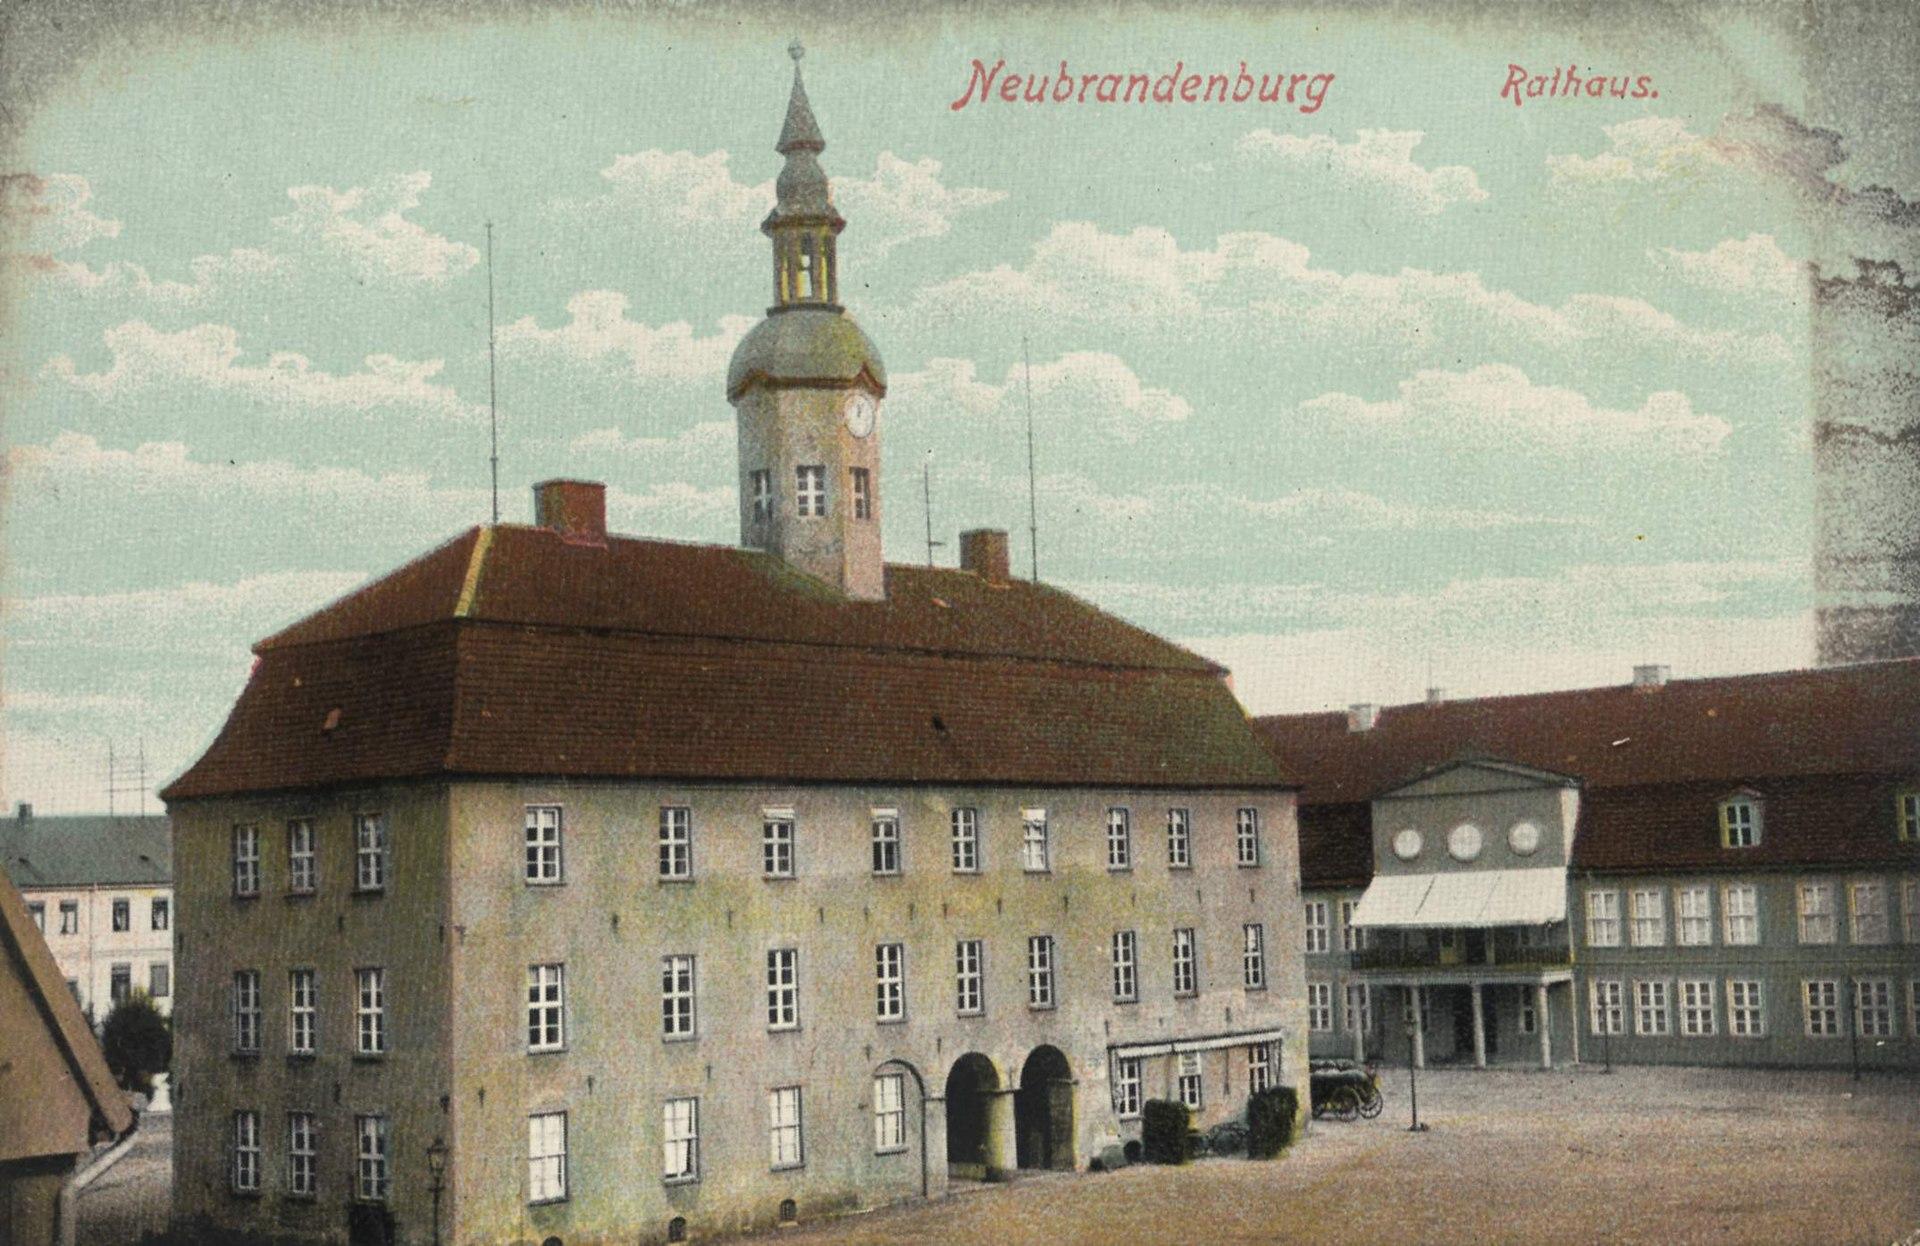 1920px-Altes_Rathaus_Marktplatz_Palais_Neubrandenburg.jpg